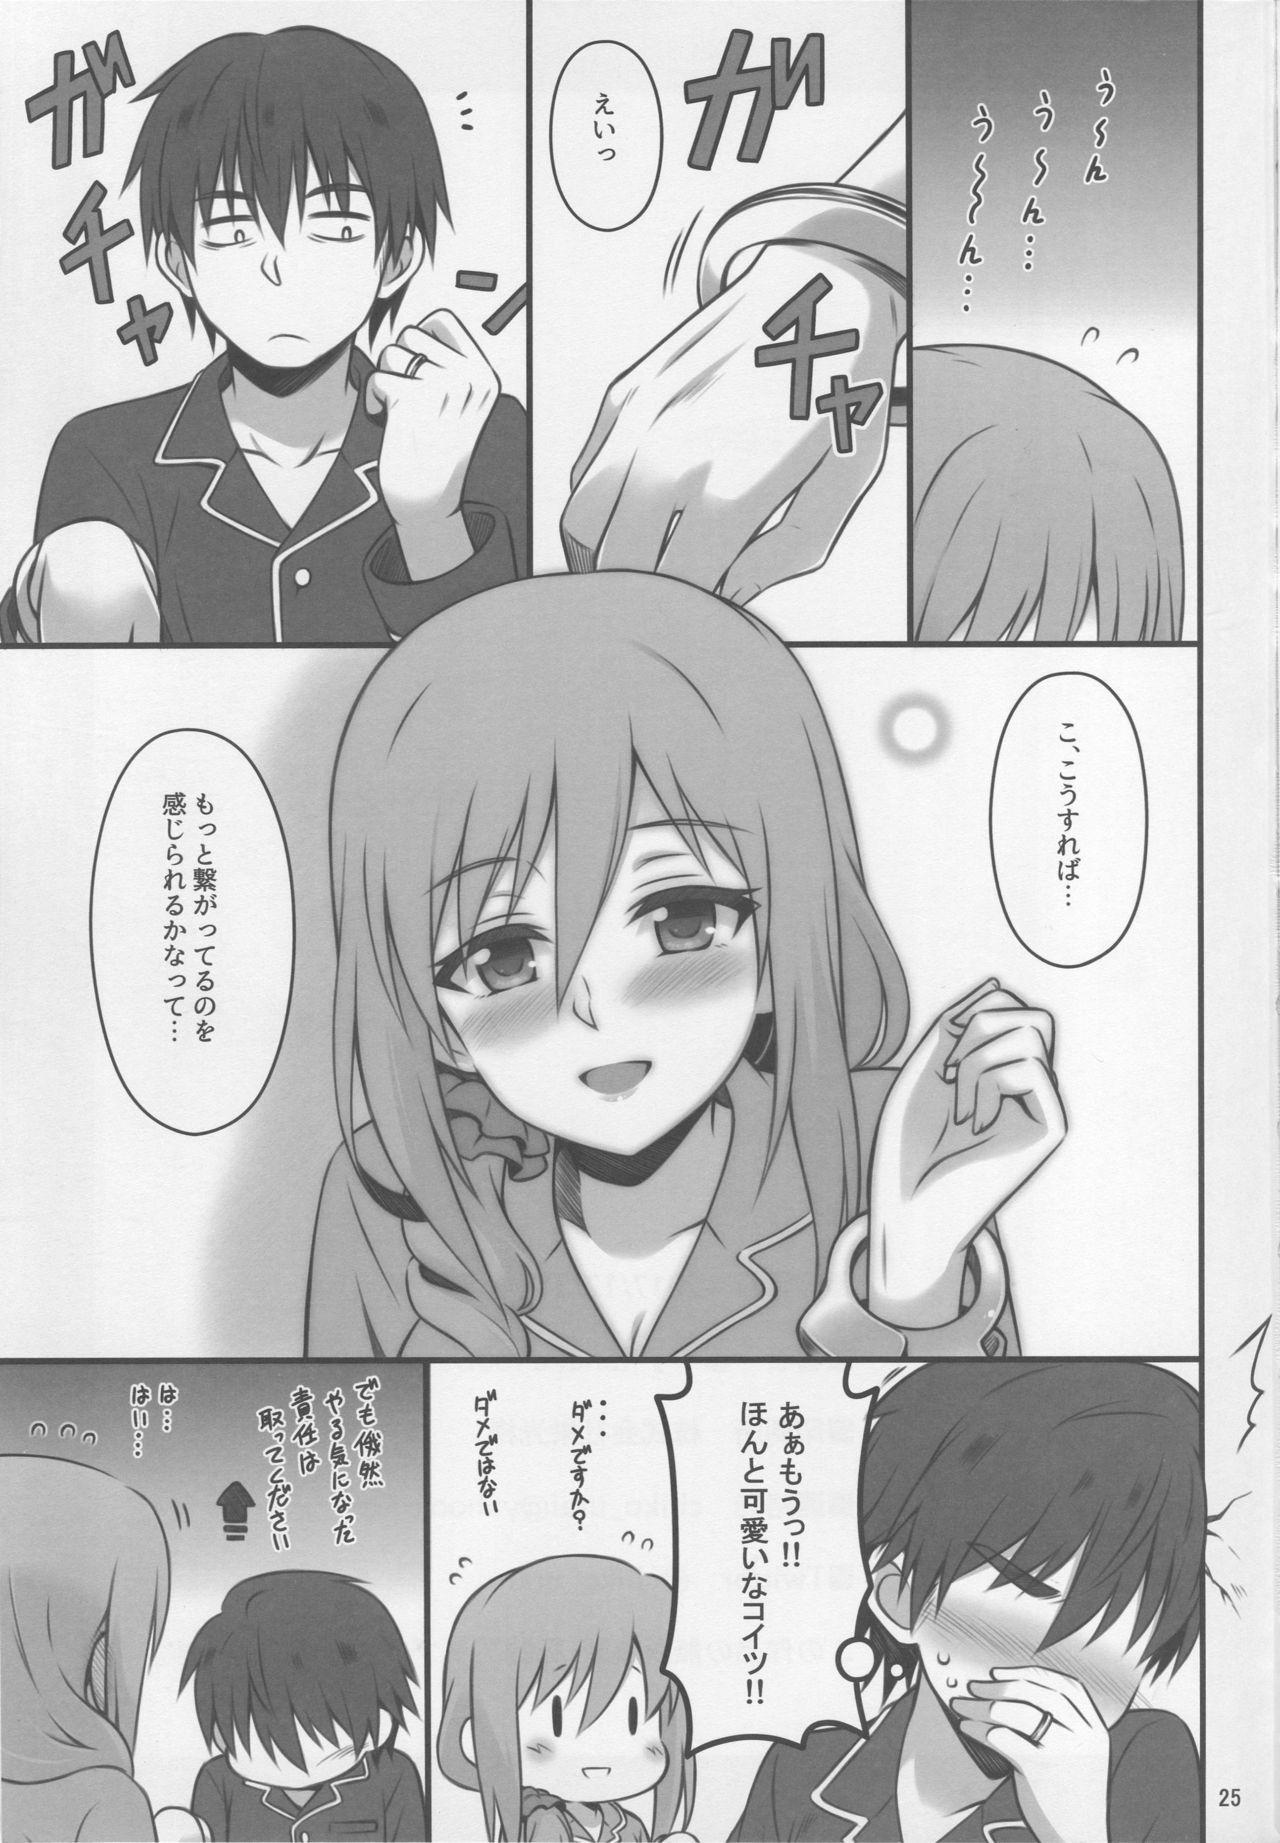 (C93) [Snake foot (Ura Ichiko)] Hitozuma ni natta Yuusha Ranko (24) ga Maou ni Yarashii Koto Sareru Hon (THE IDOLM@STER CINDERELLA GIRLS) 23